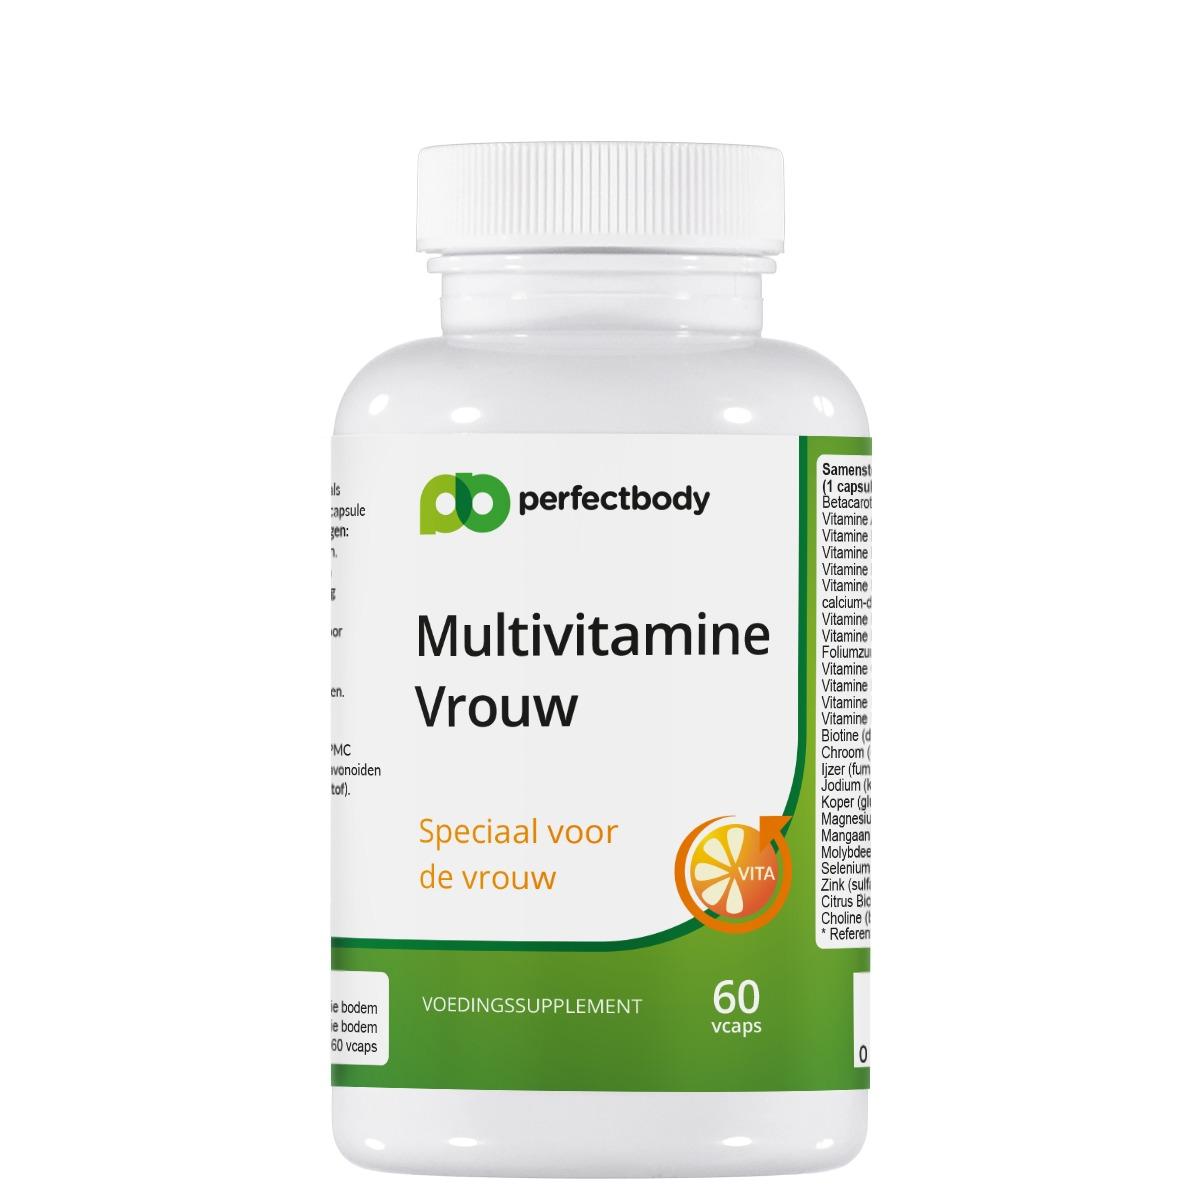 Premium kwaliteit multi voor de vrouw multivitamine vrouw is een hoogwaardige multi in vegetarische capsules....